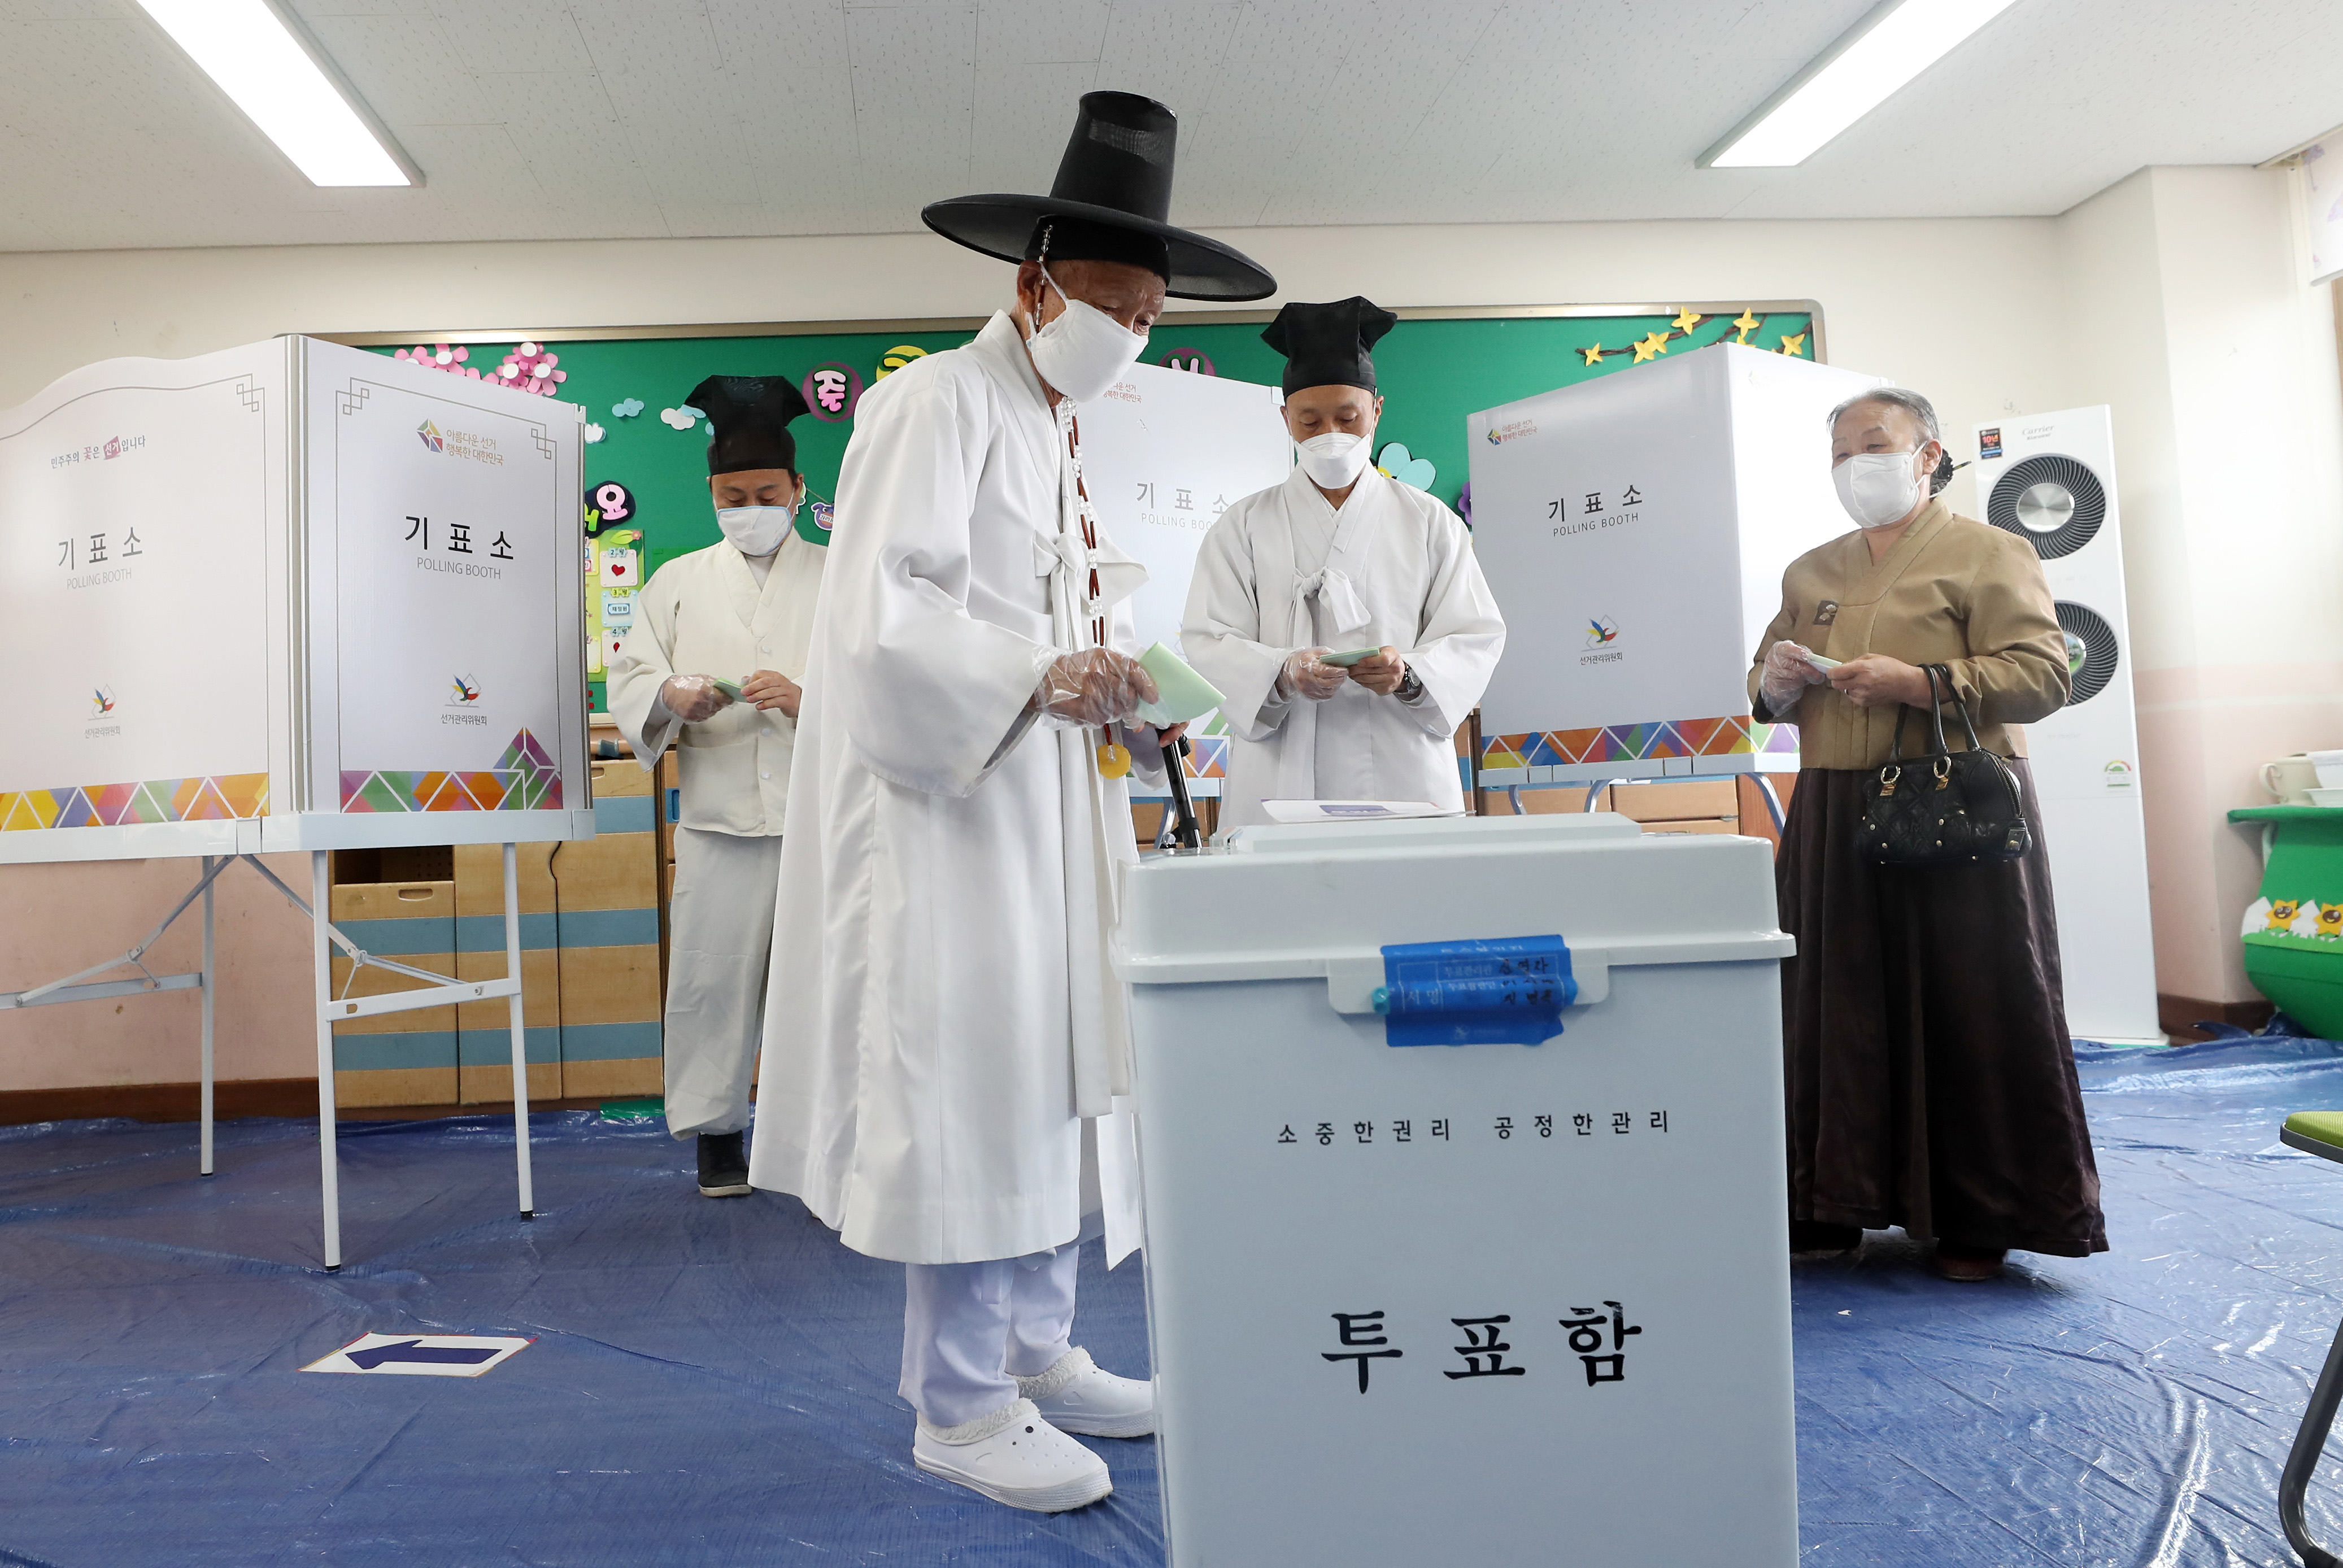 Így néznek ki a választások járvány idején